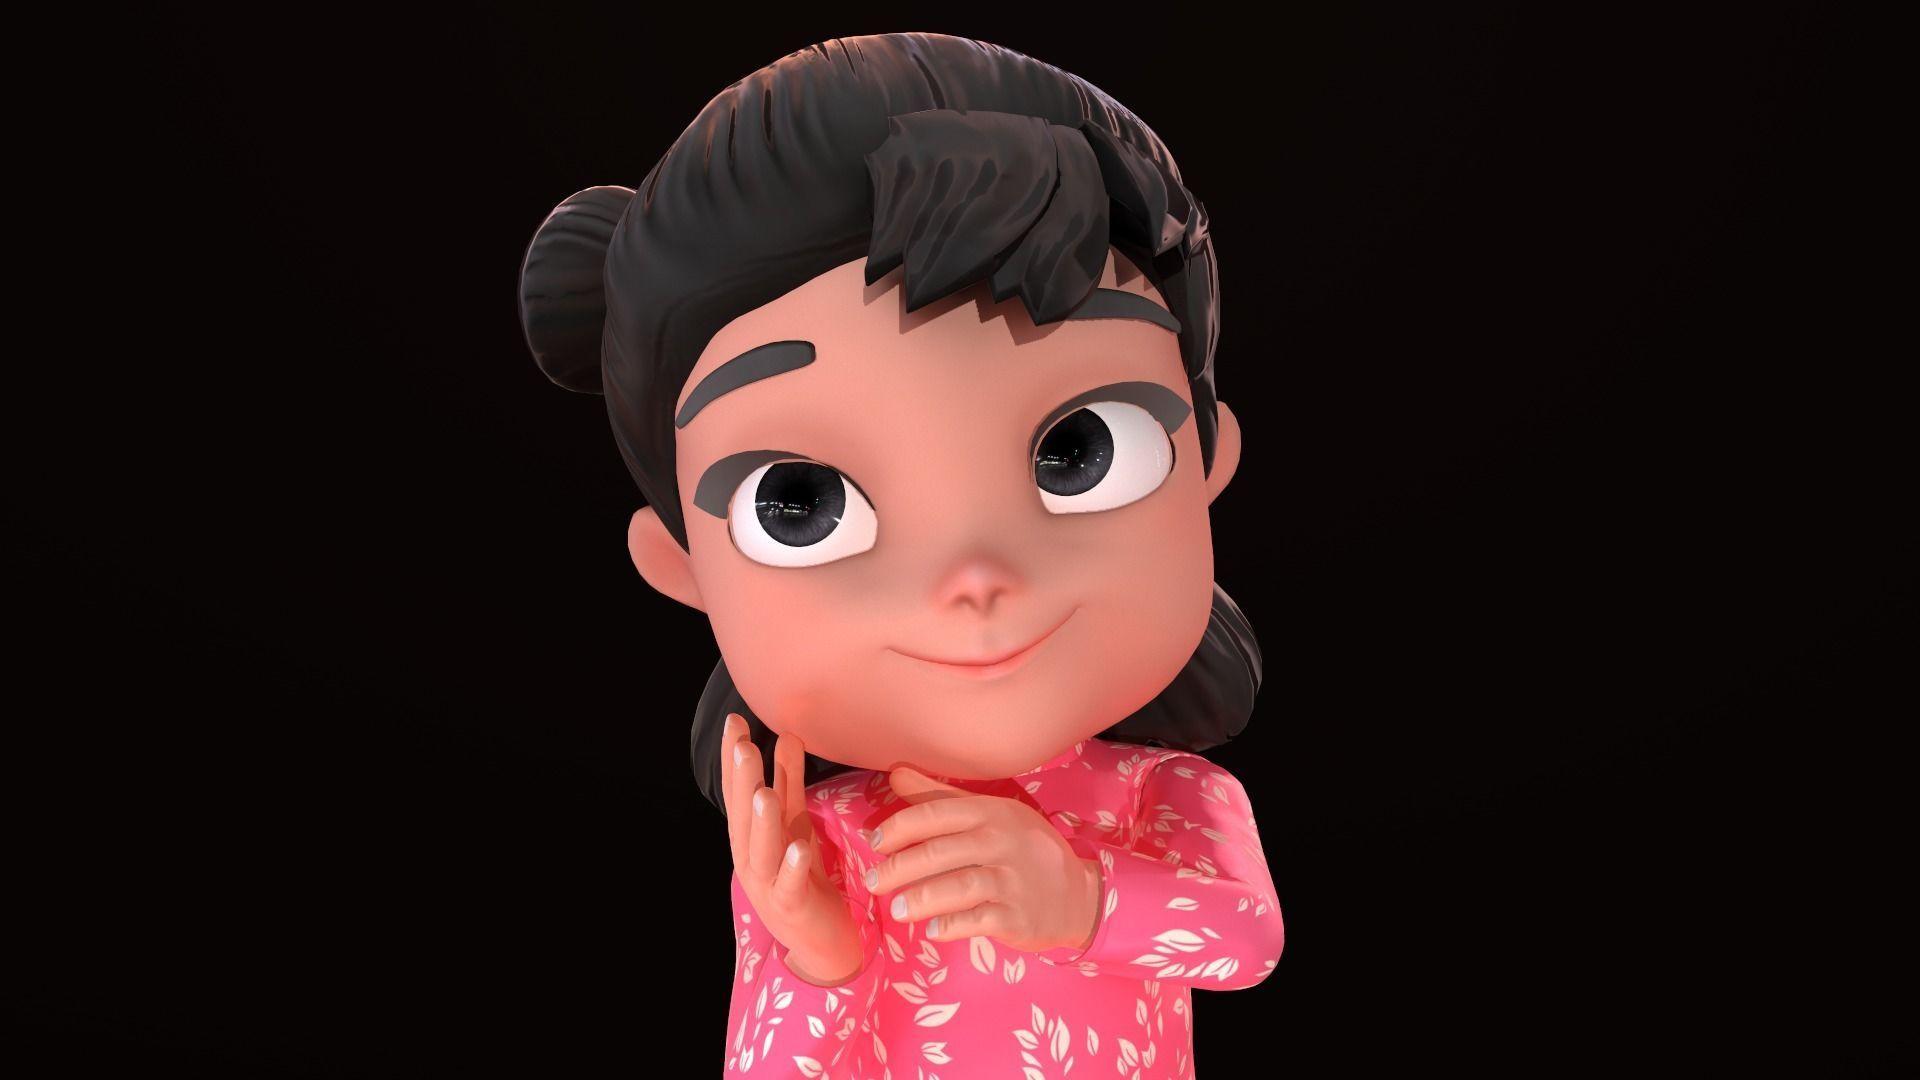 Asset - Cartoons - Character - Girl - Baby - Rig - 3D Models | 3D model